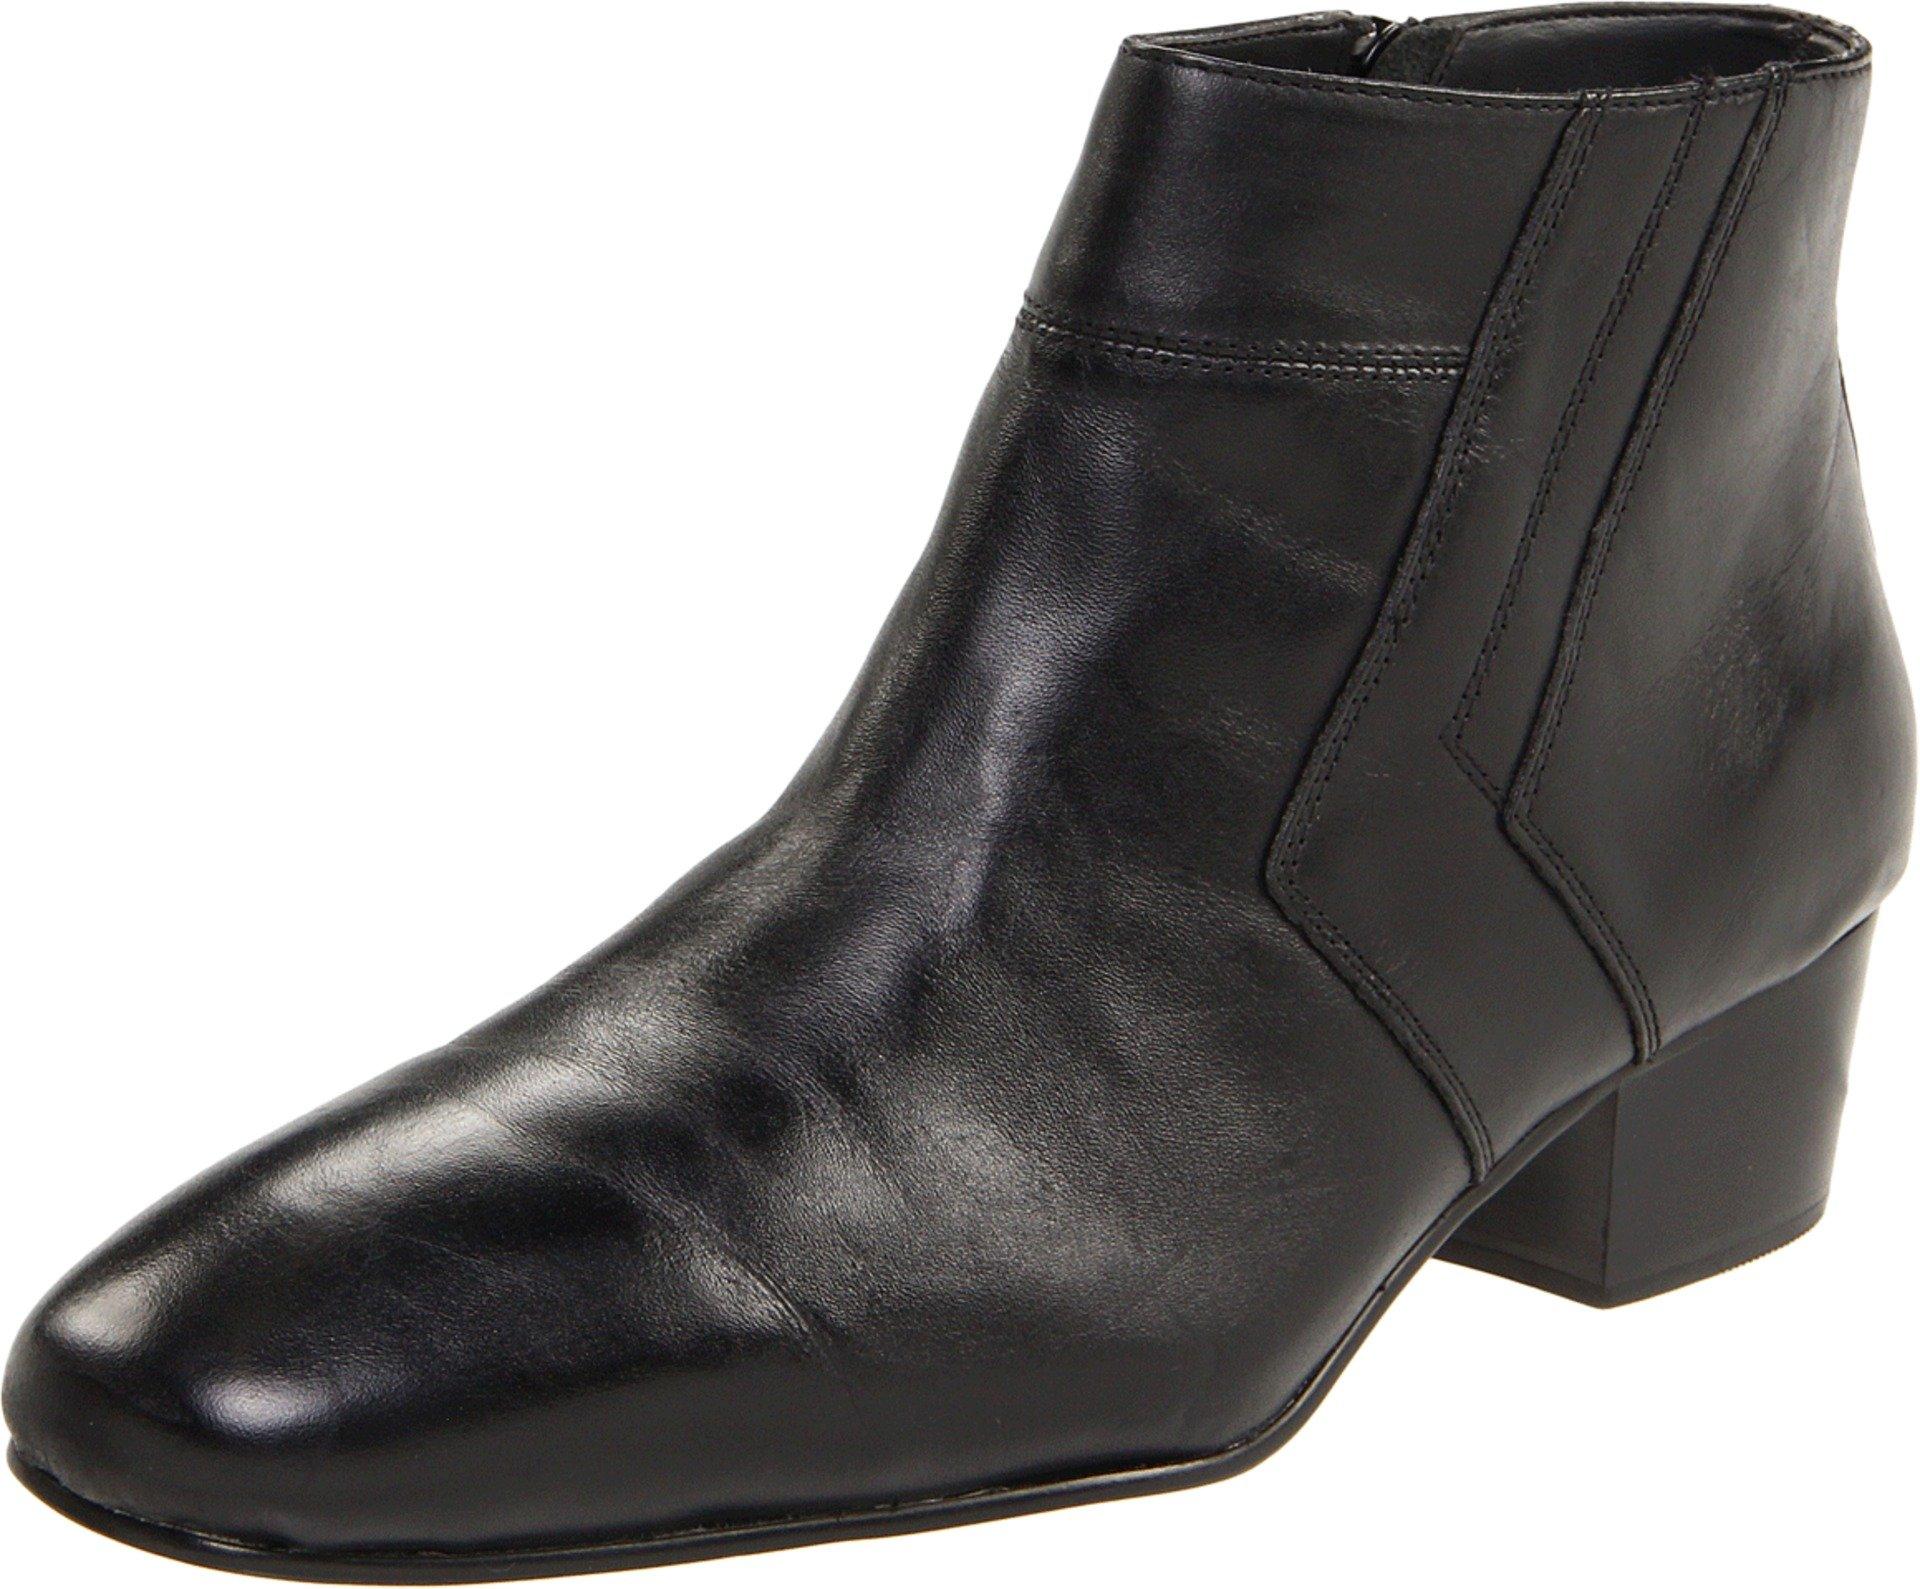 Giorgio Brutini Men's Blackjack 155481 Boot,Black,10.5 M